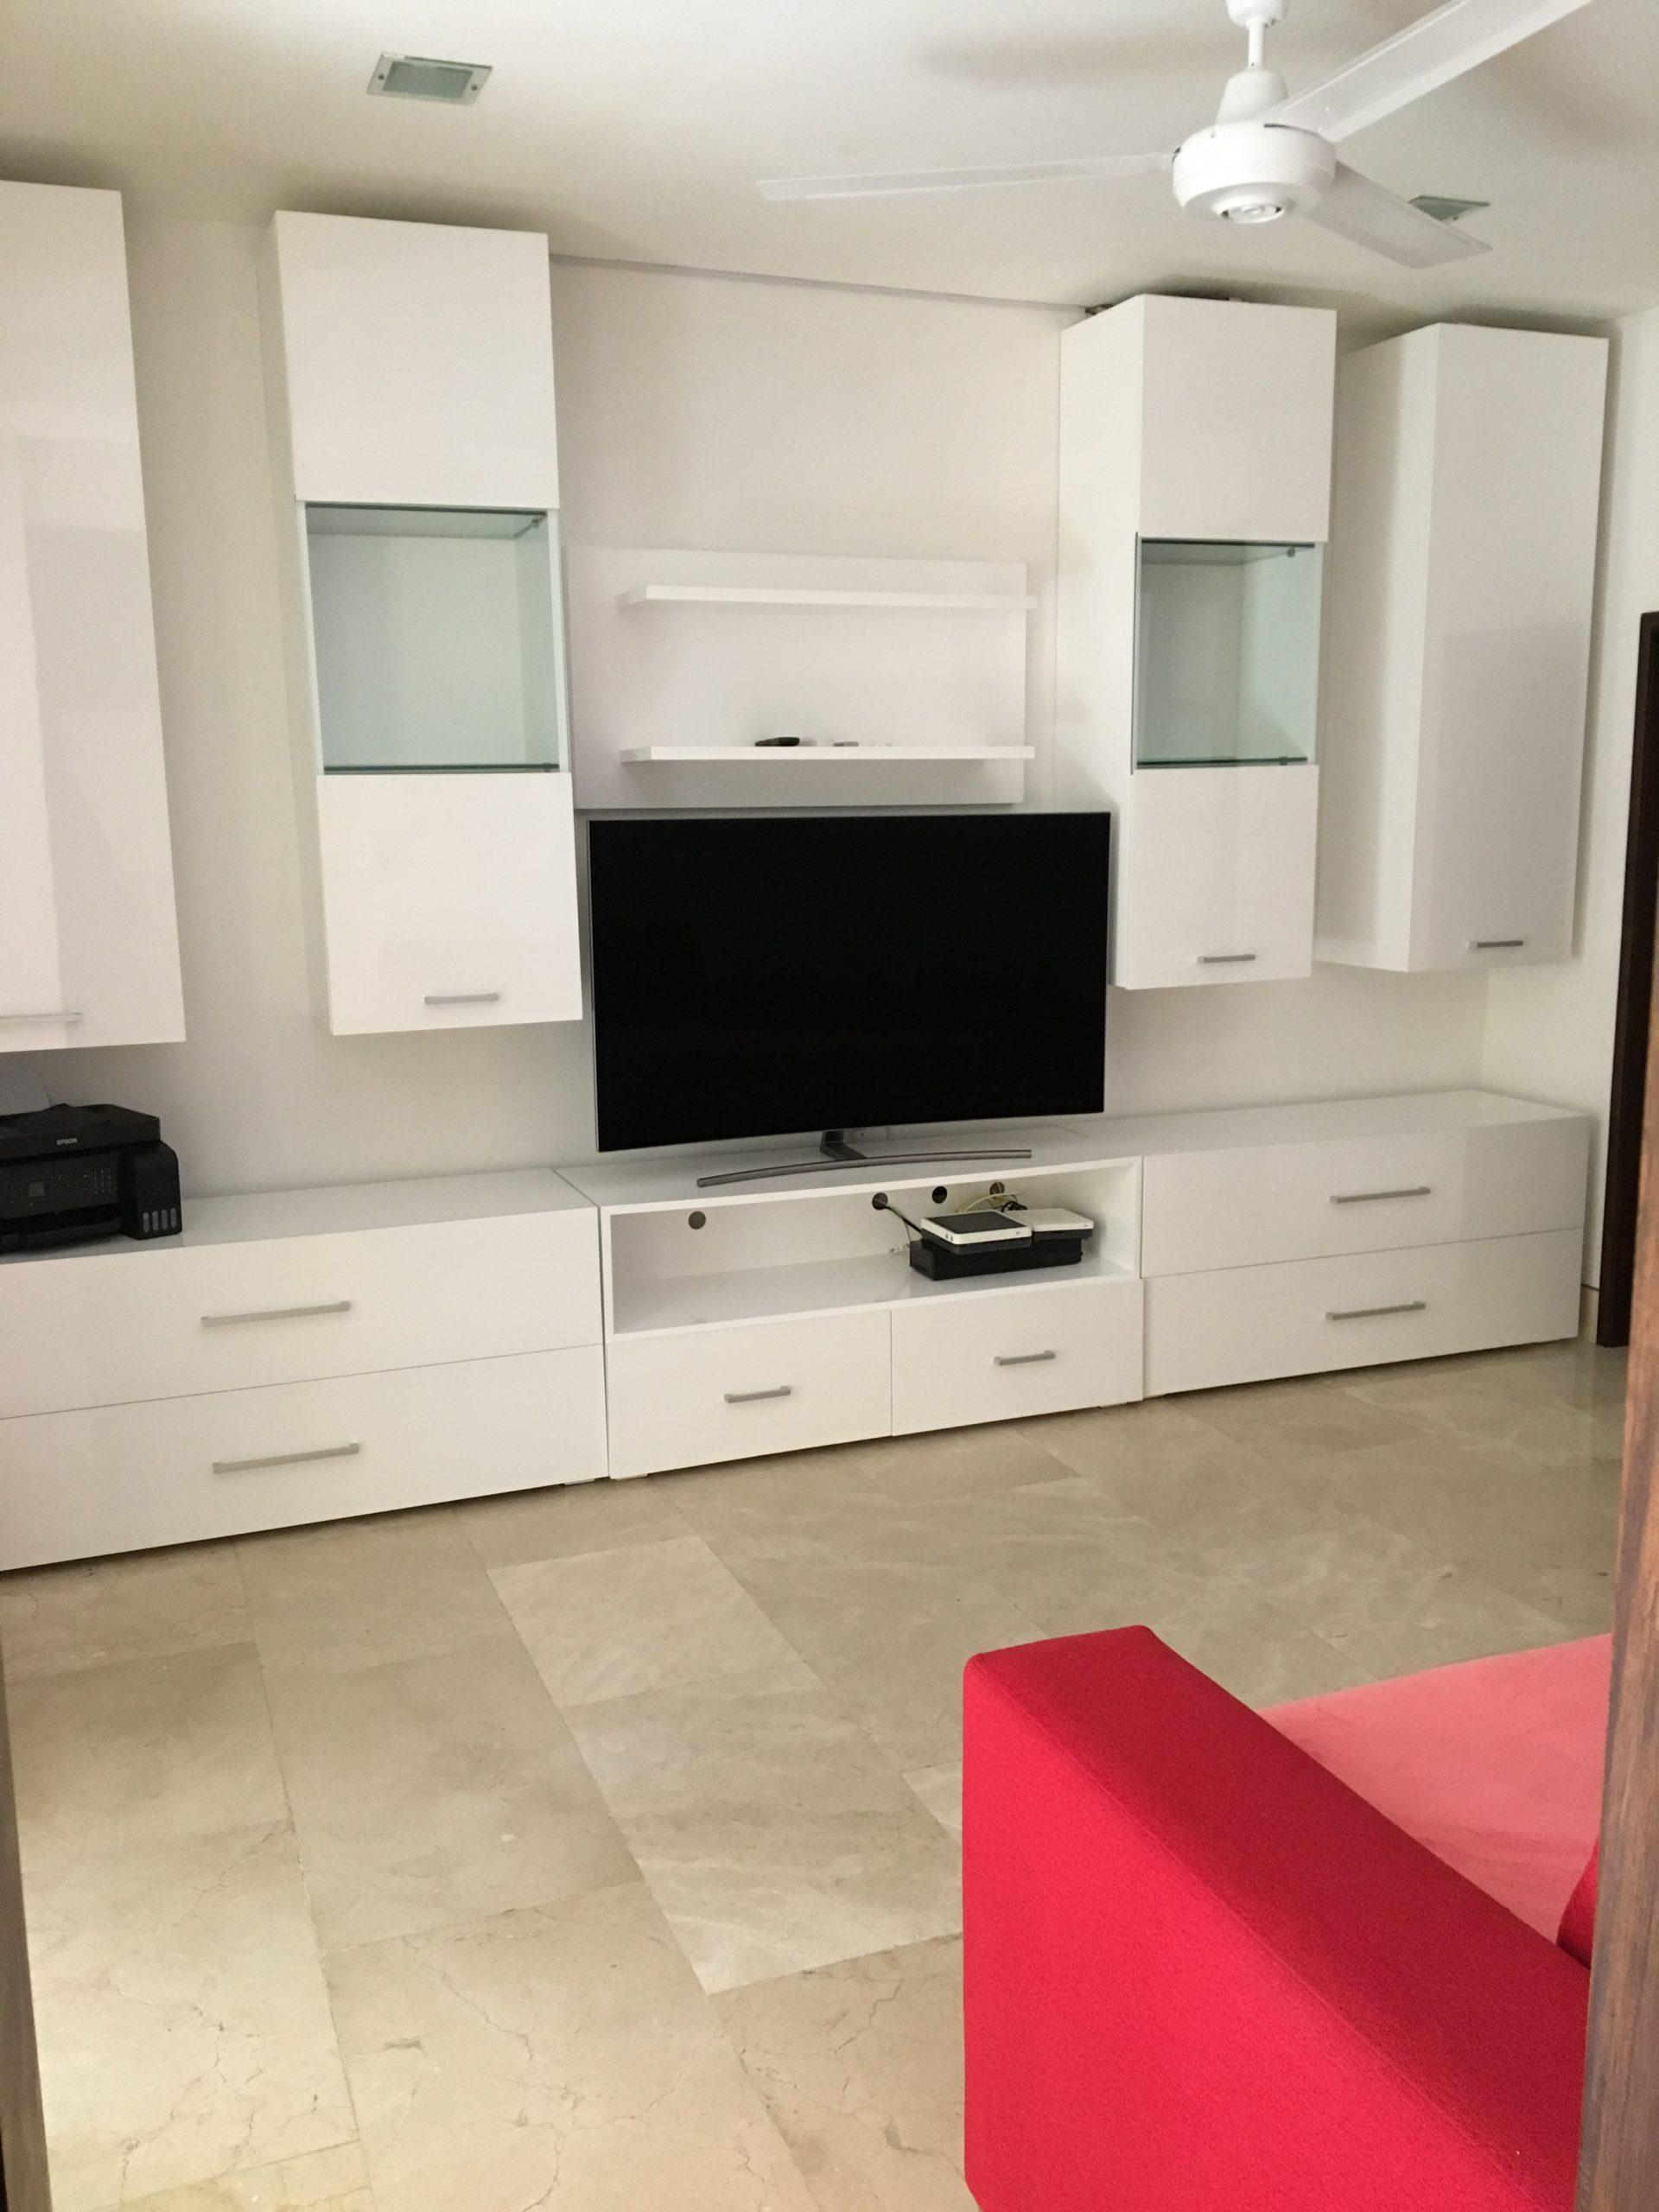 Proyecto Mueble Funcional Diseño De Mobiliario A Medida: Muebles De Entretenimiento Exclusivos- Casa Moblesa